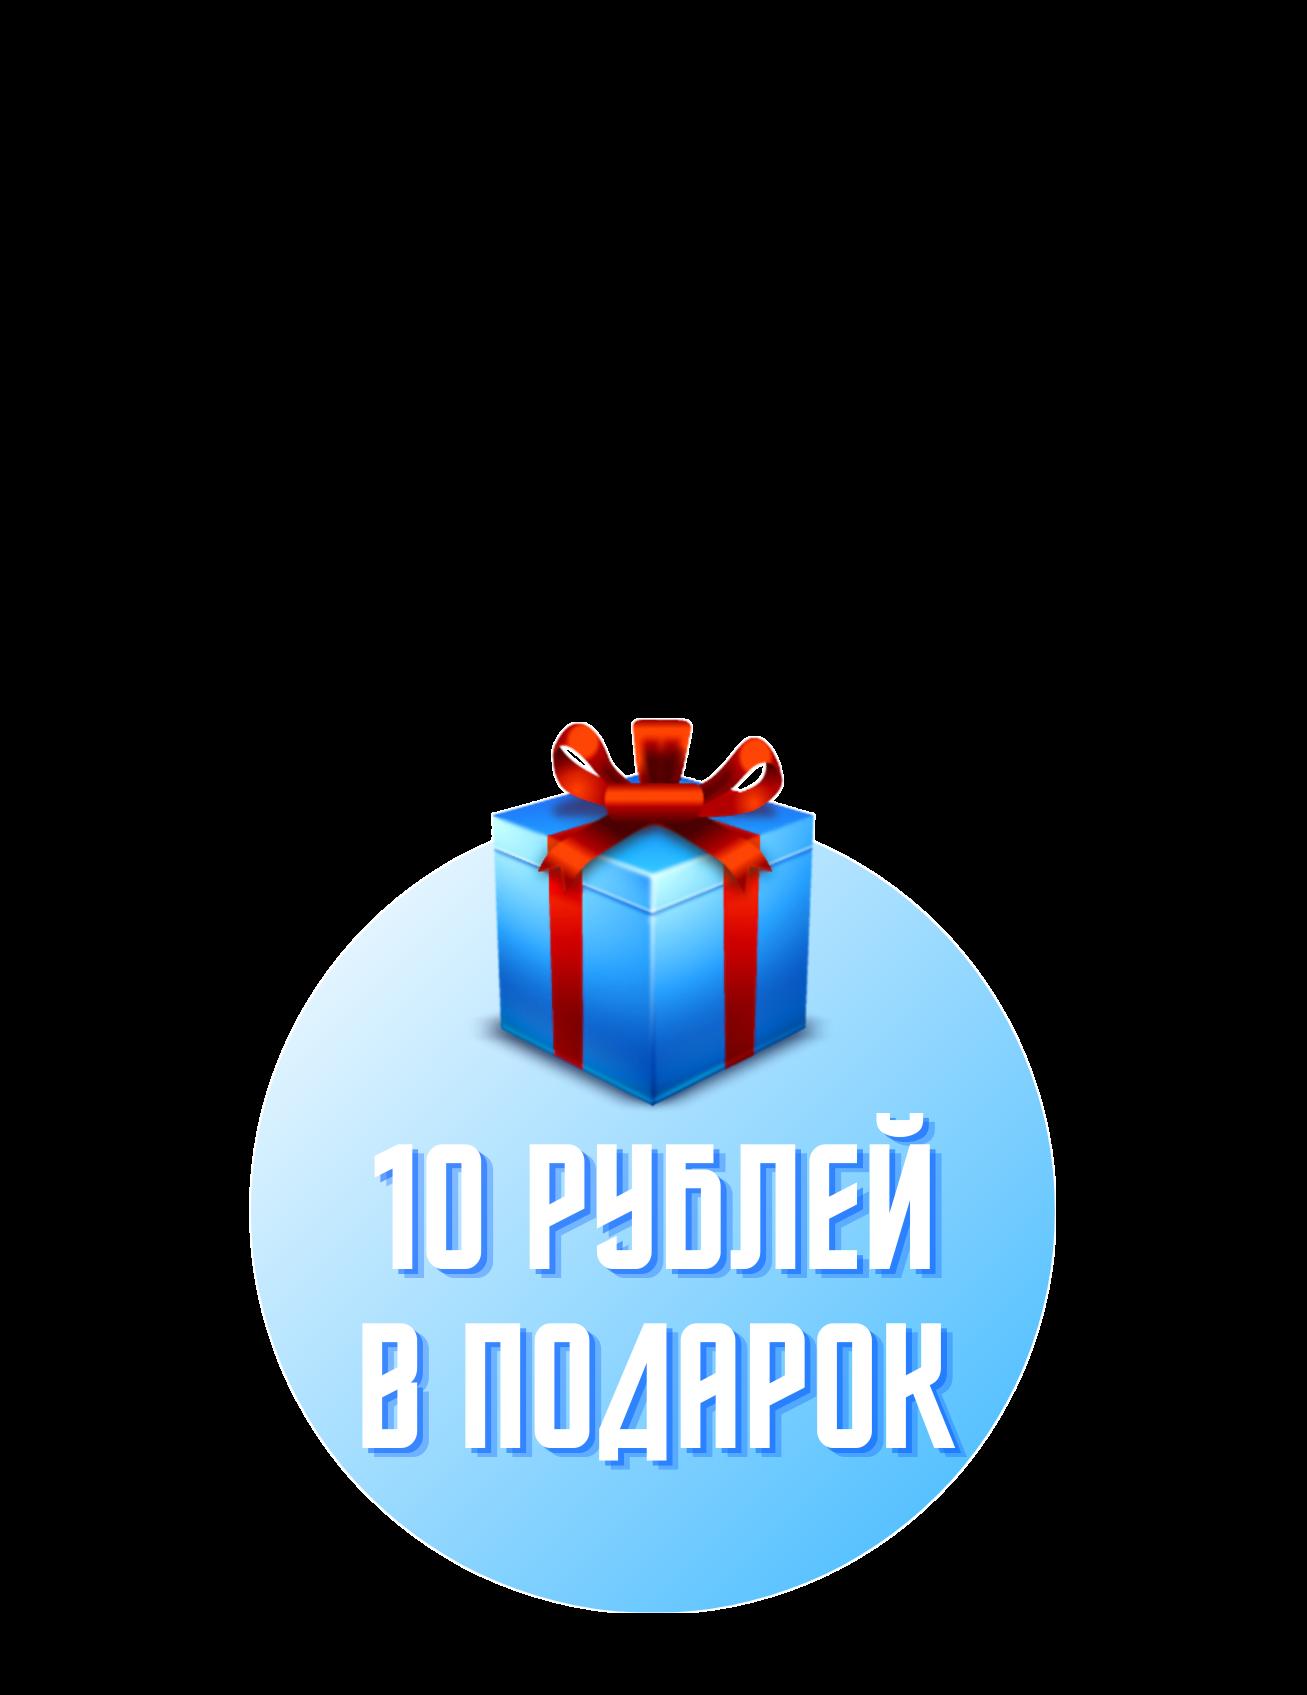 Акция на ремонт телефонов Минск